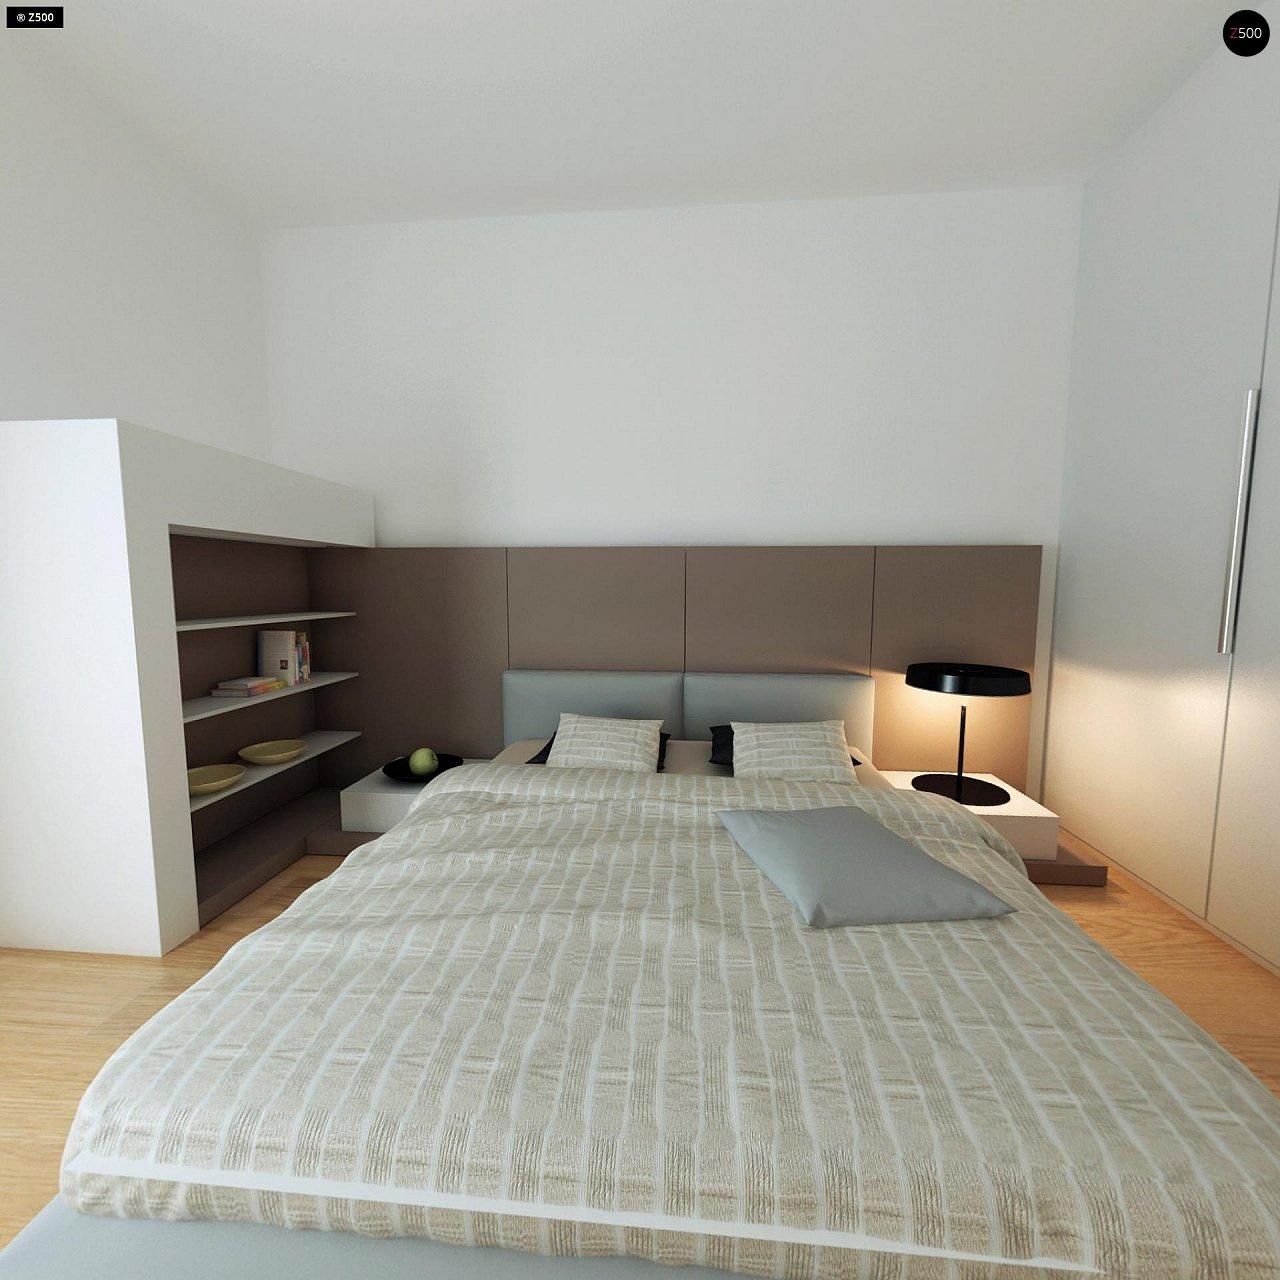 Современный комфортабельный одноэтажный дом с функциональным интерьером и уютной террасой. 13